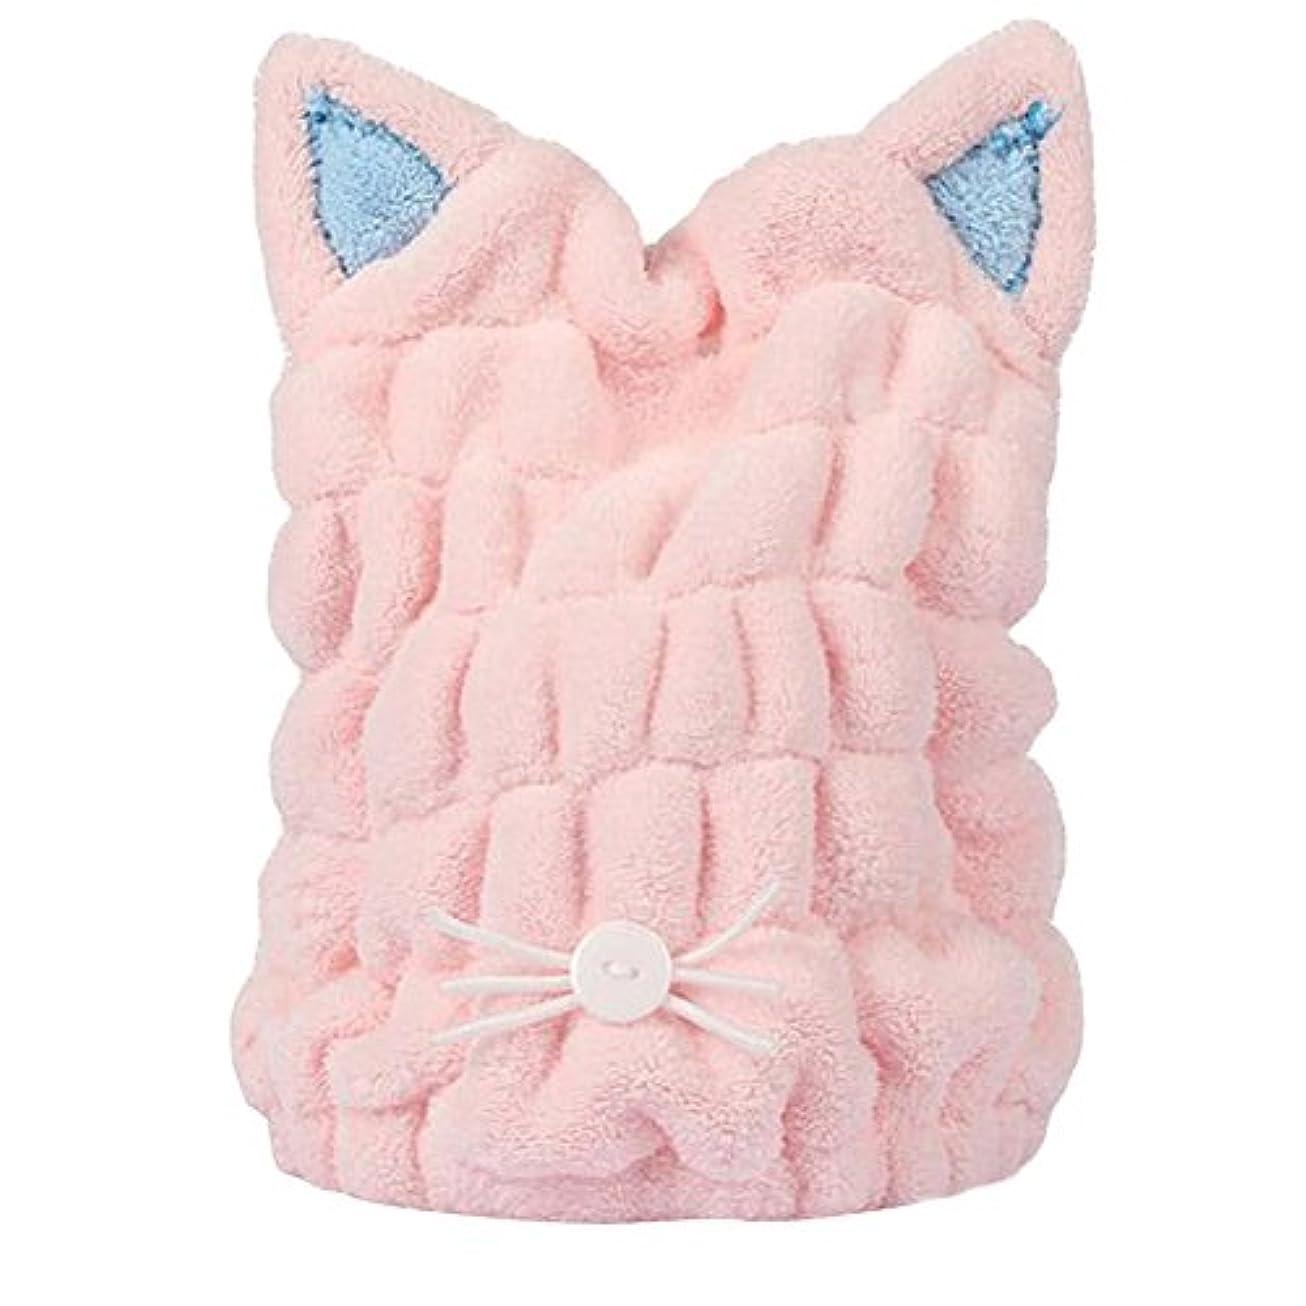 講師仕出します太平洋諸島タオルキャップ 猫耳 ヘアドライキャップ 吸水 乾燥用 お風呂用 マイクロファイバー 可愛い (ピンク)